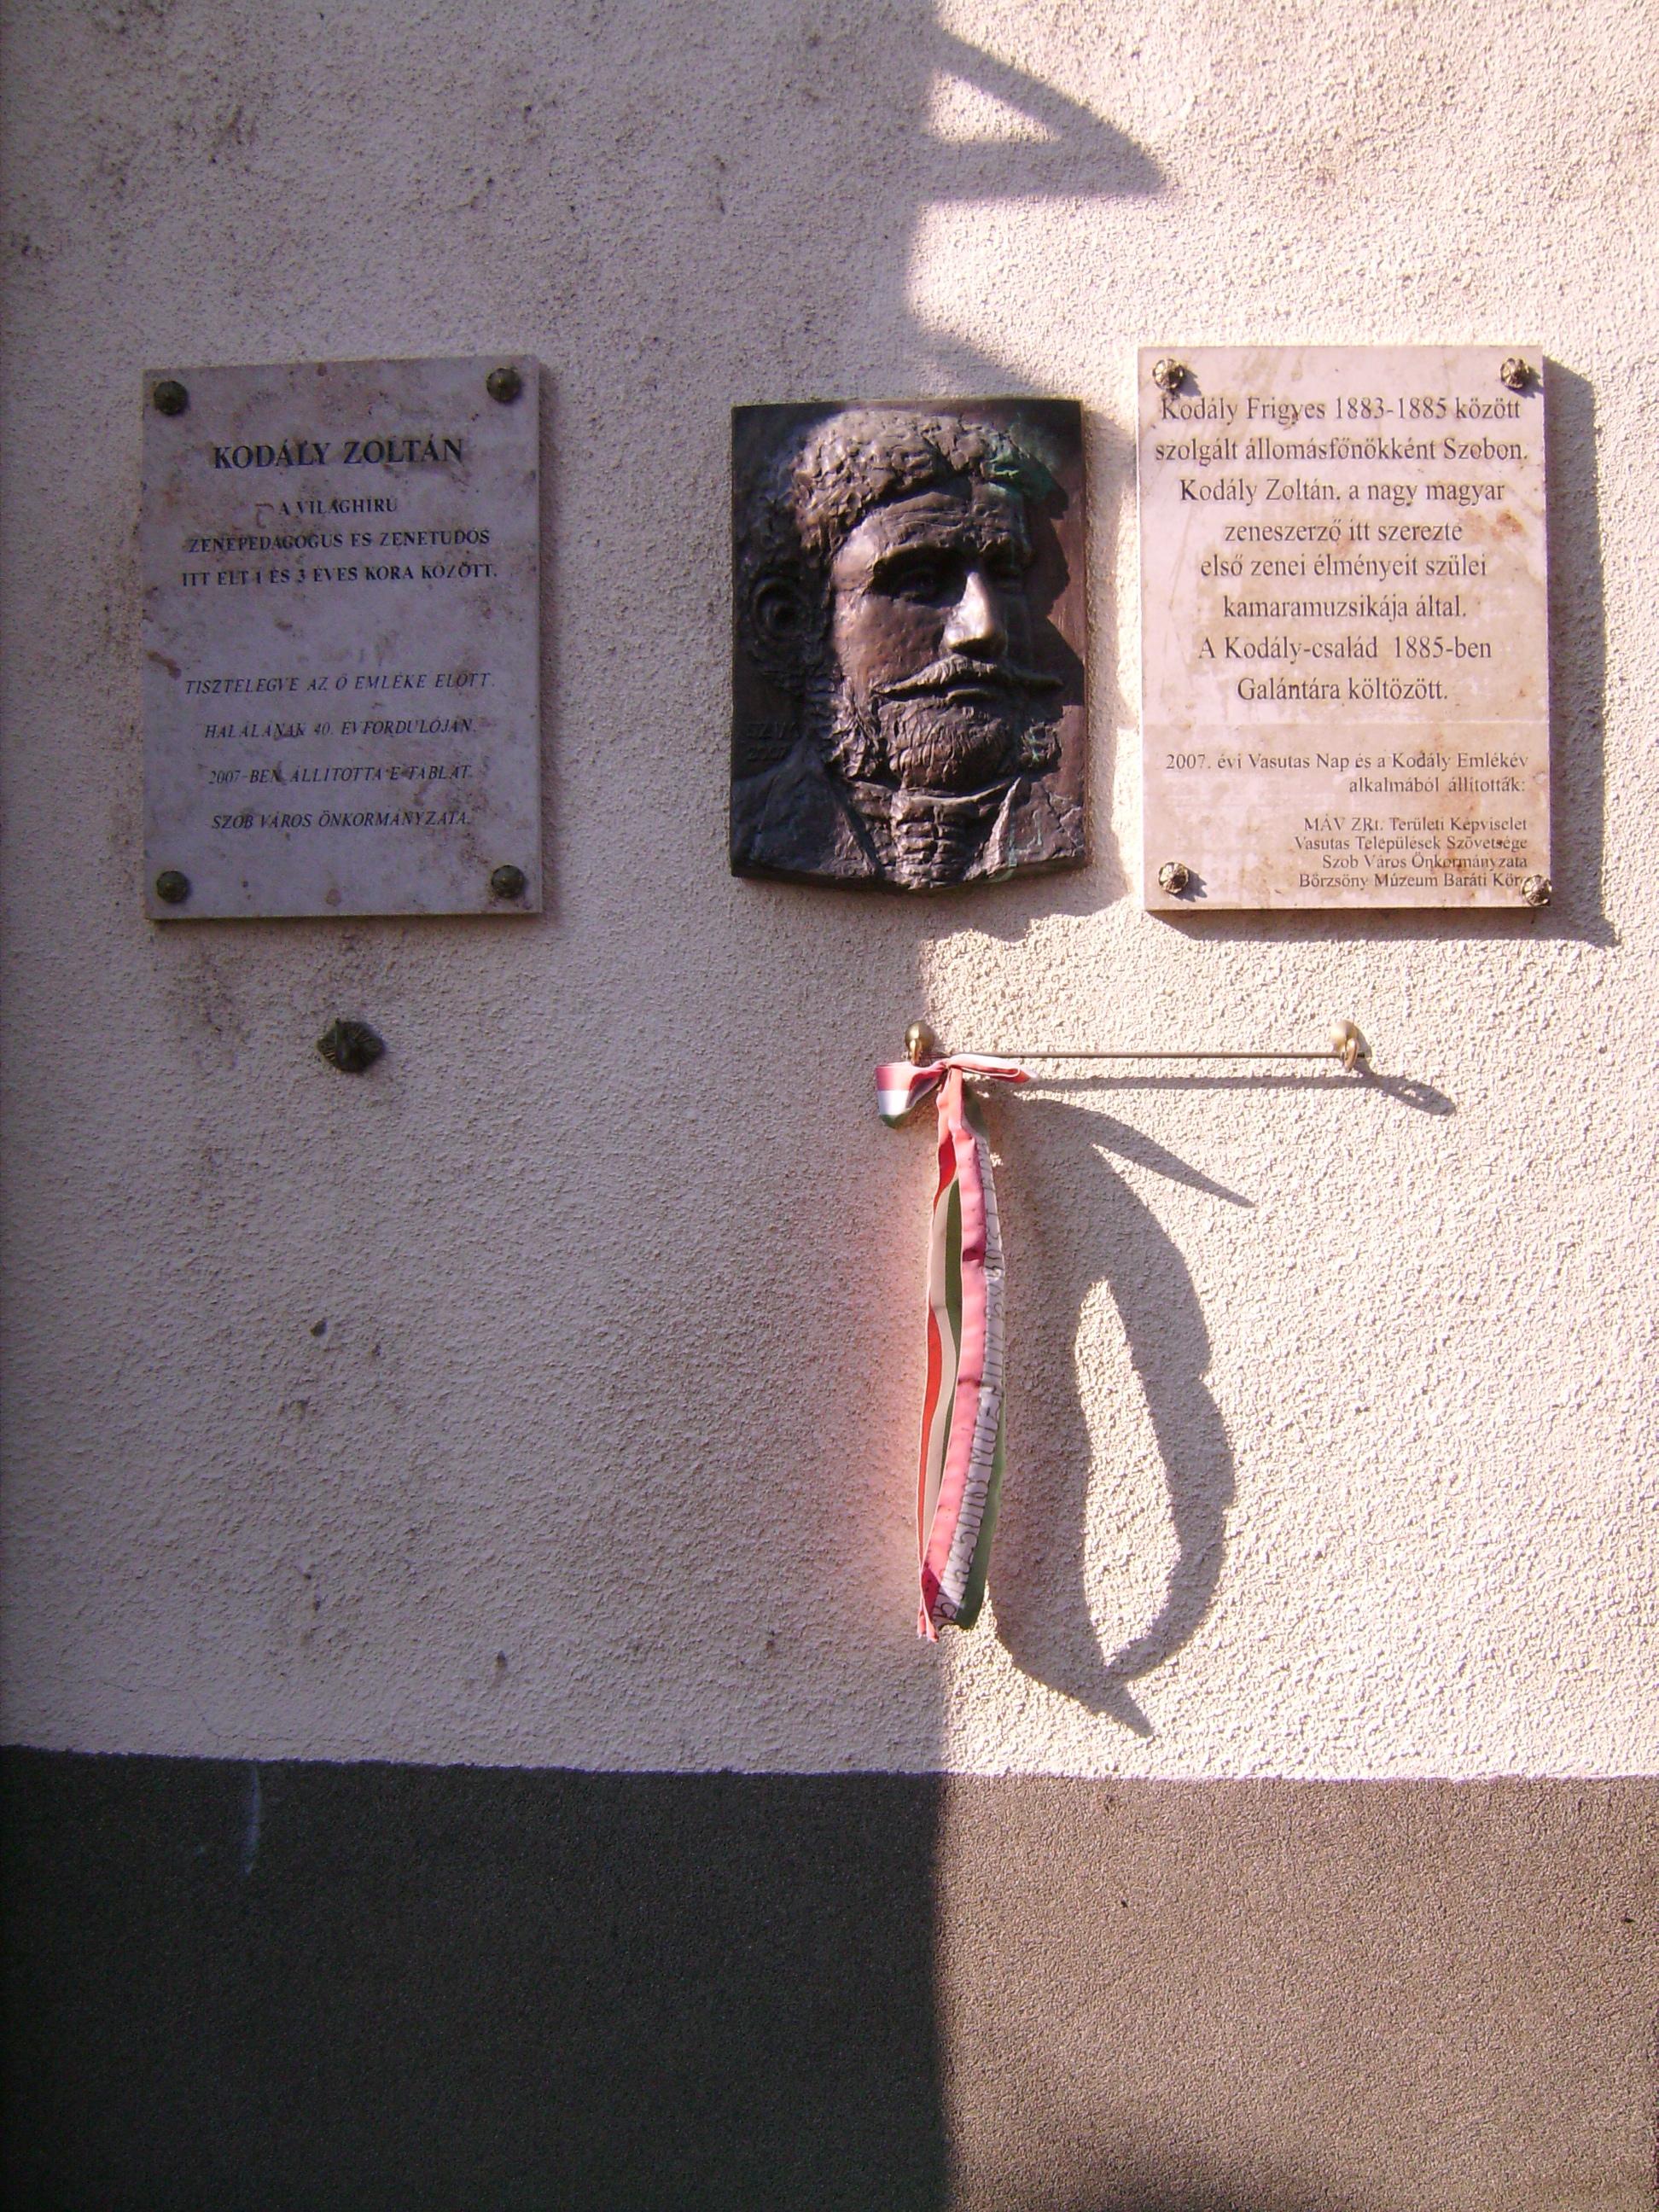 Kodály Frigyes (Kodály Zoltán édesapja) 1883-1885 között Szobon a vasútállomás főnöke volt. A család közel három évet töltött Szobon.<br />Szintén Szabó Imre alkotása, 2007<br />